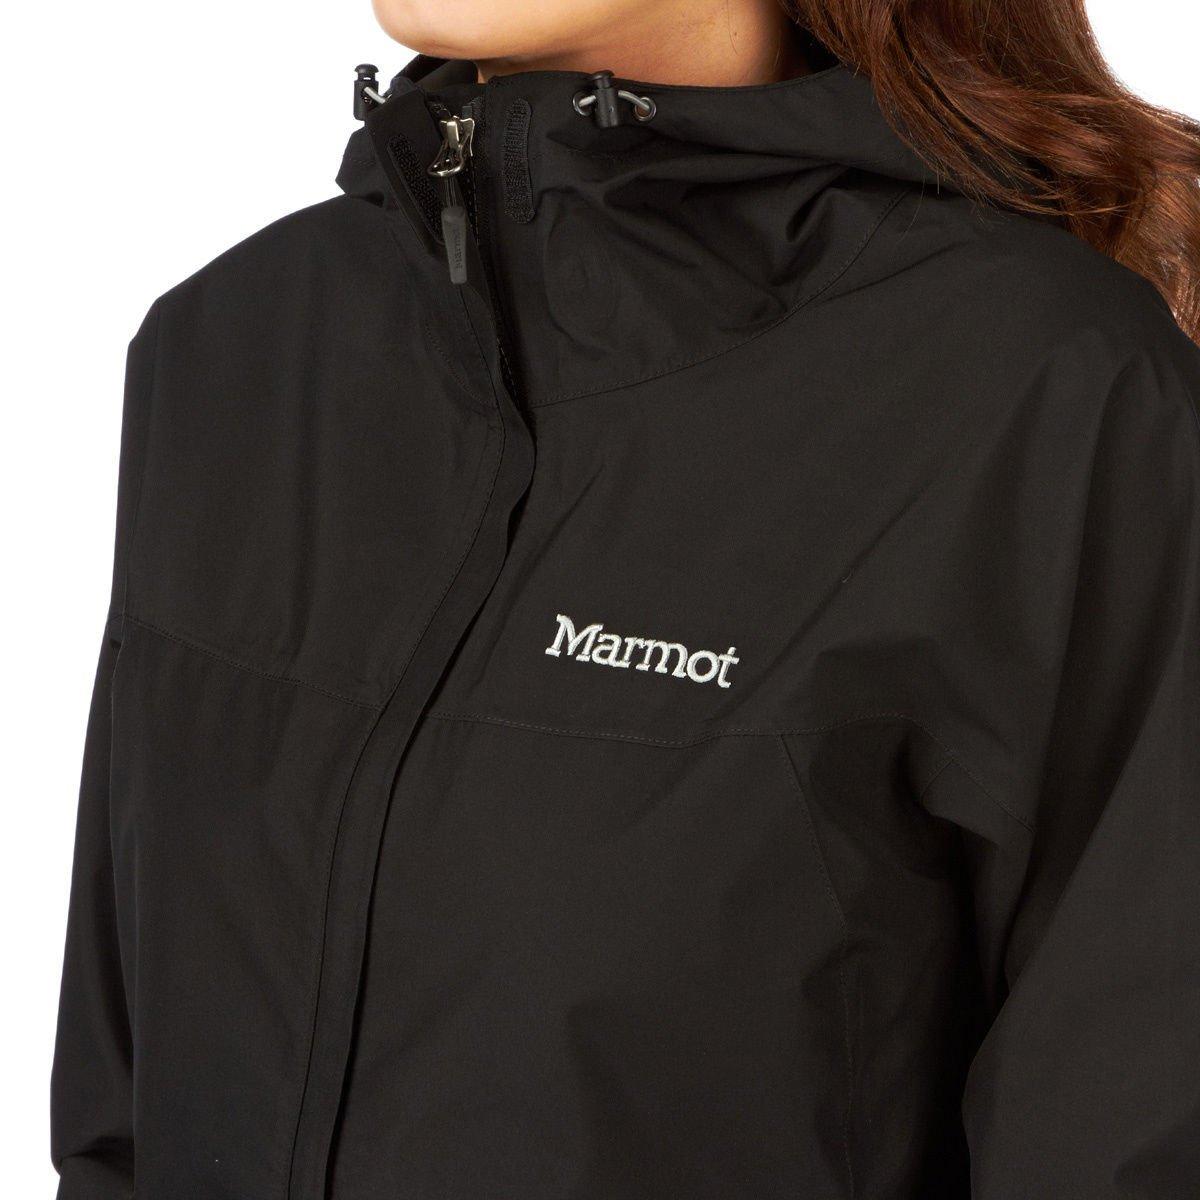 Marmot Minimalist Veste Femme